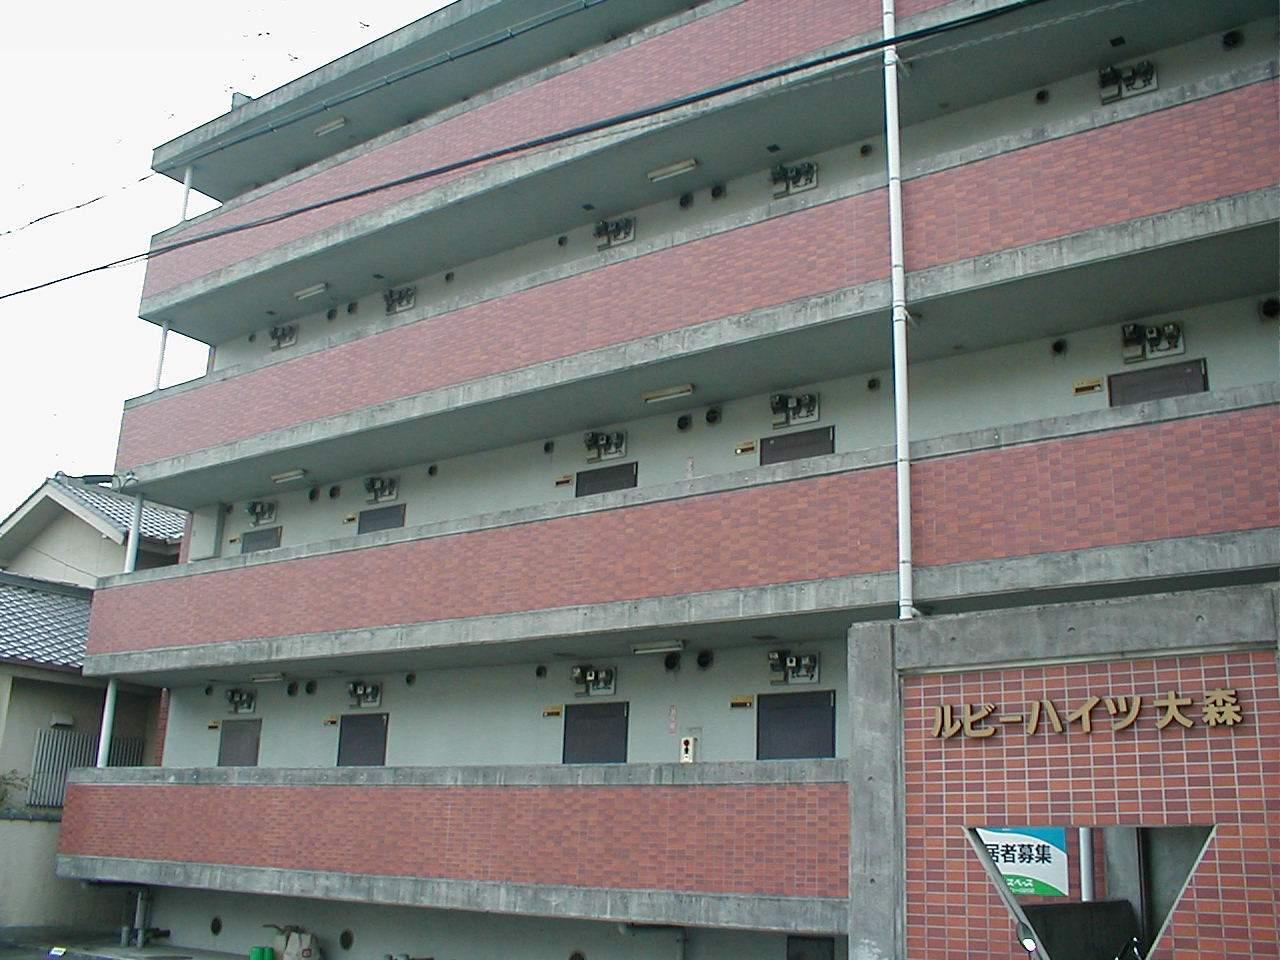 愛知県名古屋市守山区、大森・金城学院前駅徒歩3分の築30年 4階建の賃貸マンション